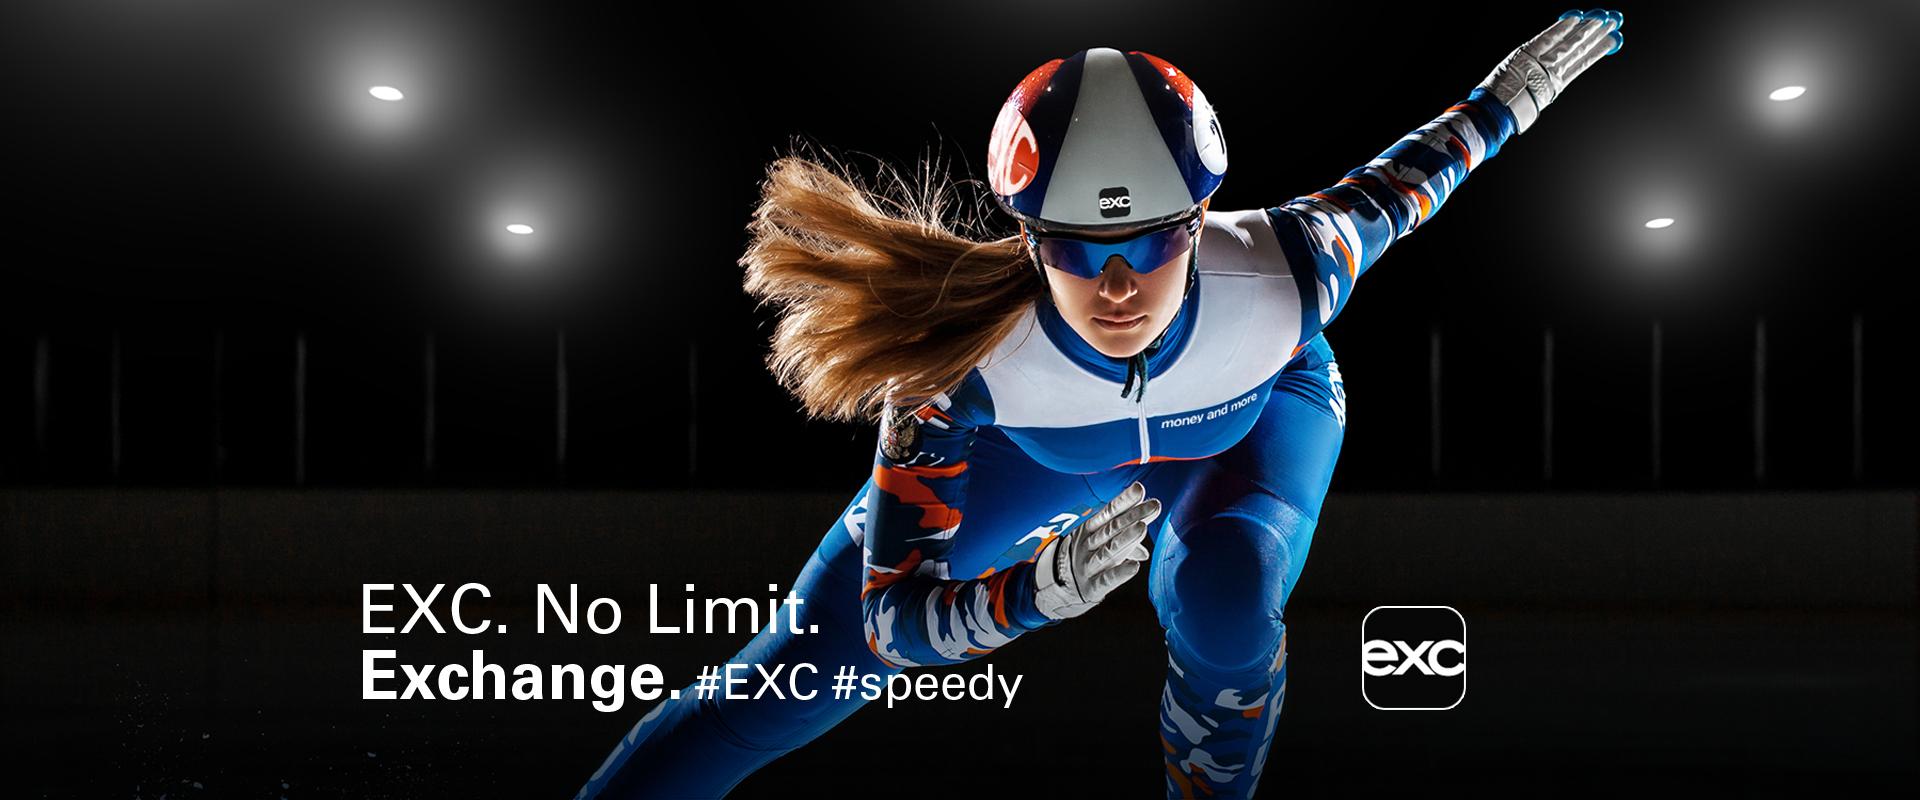 EXC. No Limit. #Speedy